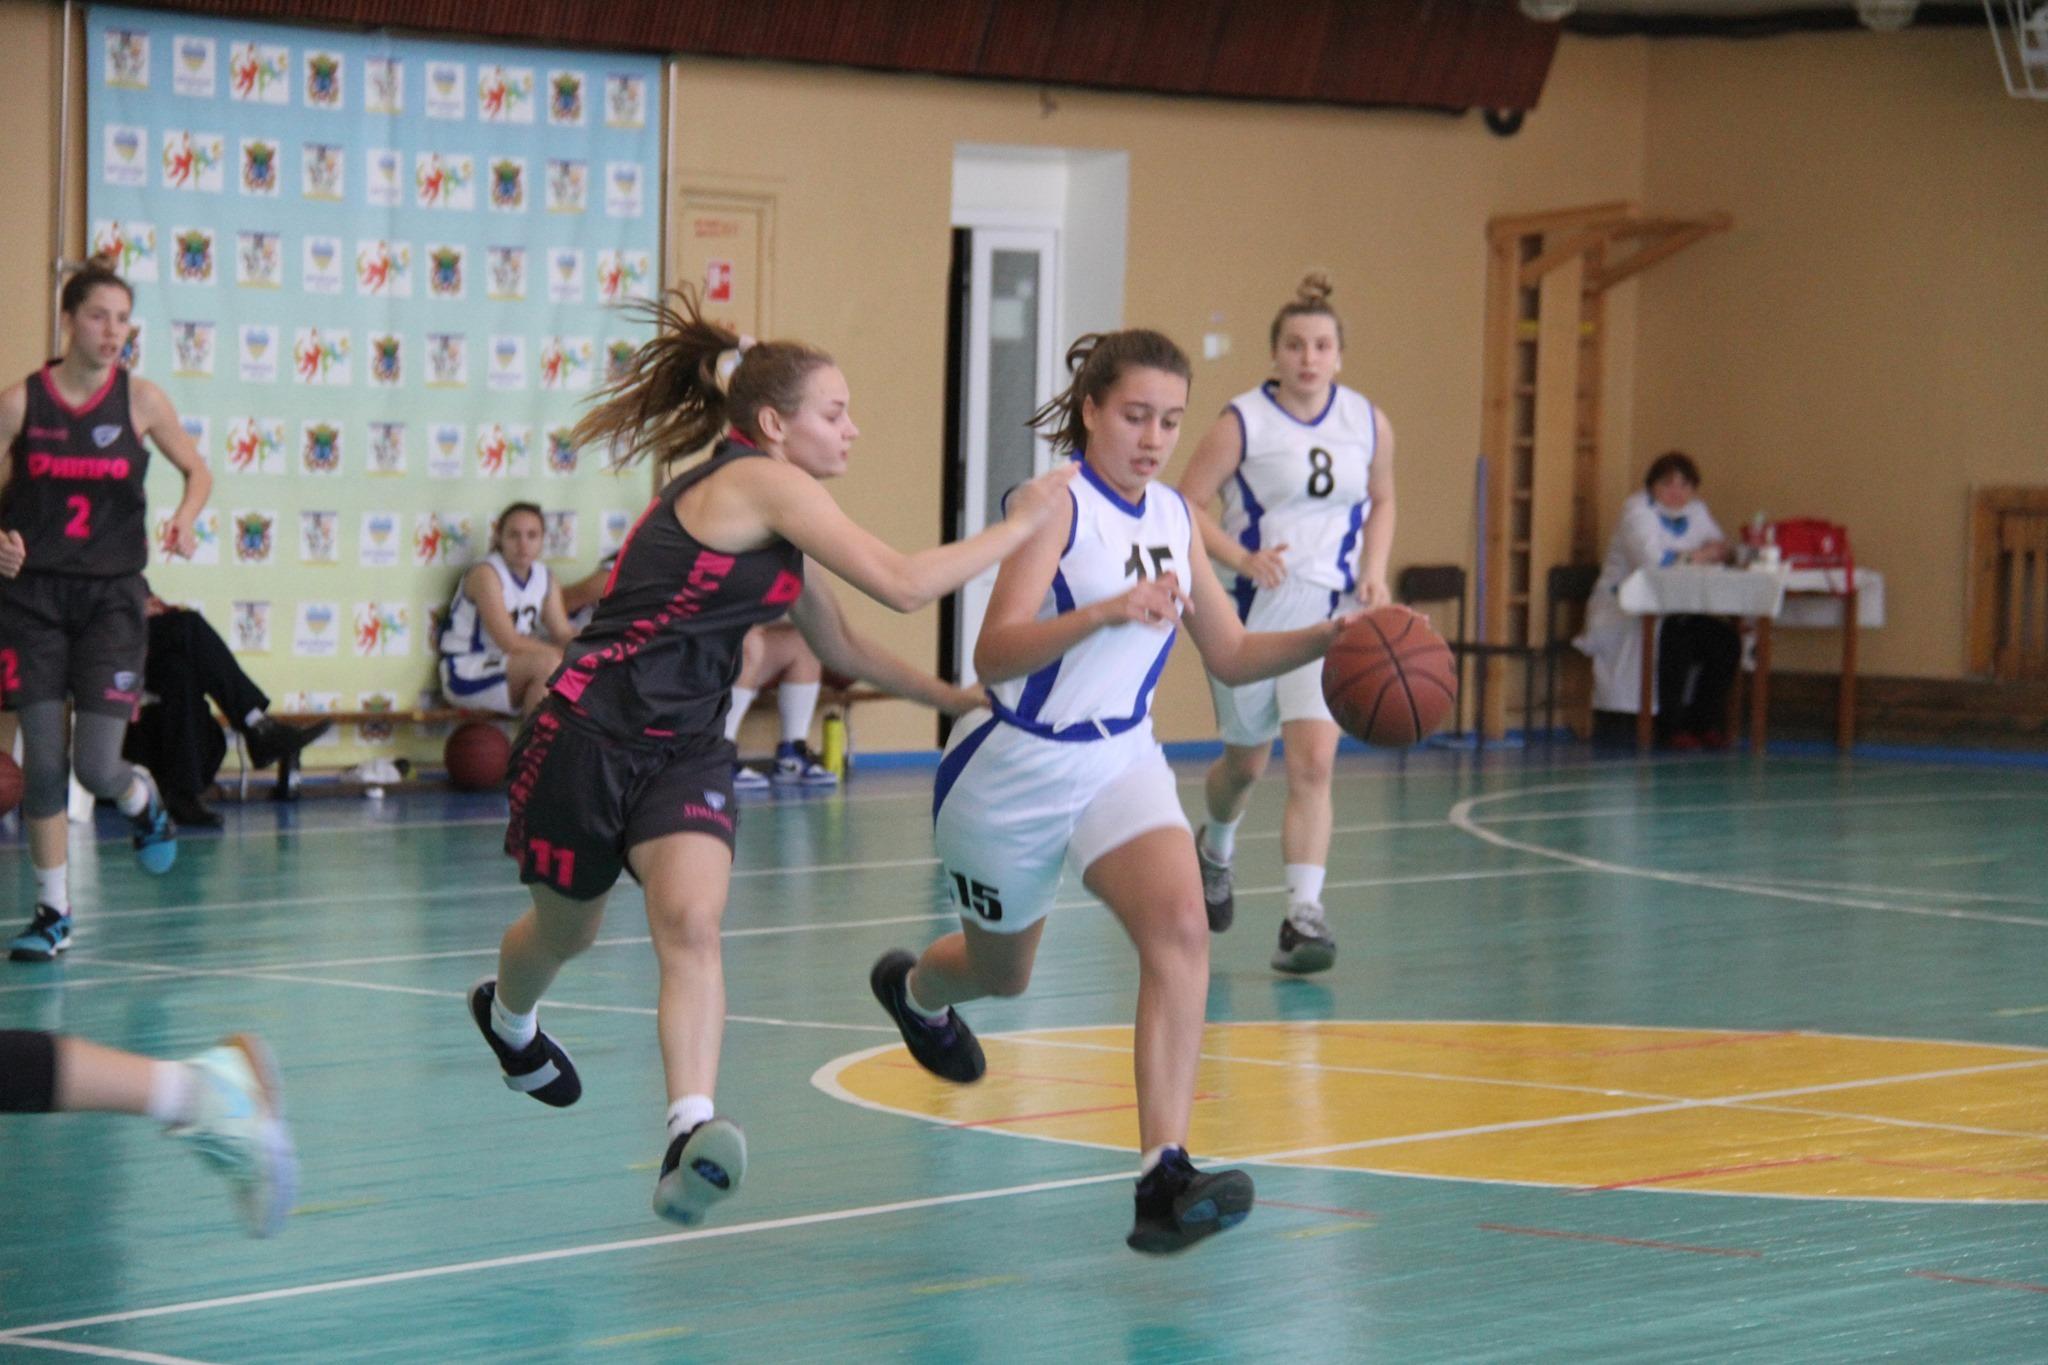 ВЮБЛ: в Бердянську завершилися матчі серед дівчат 2004/05 р.н.